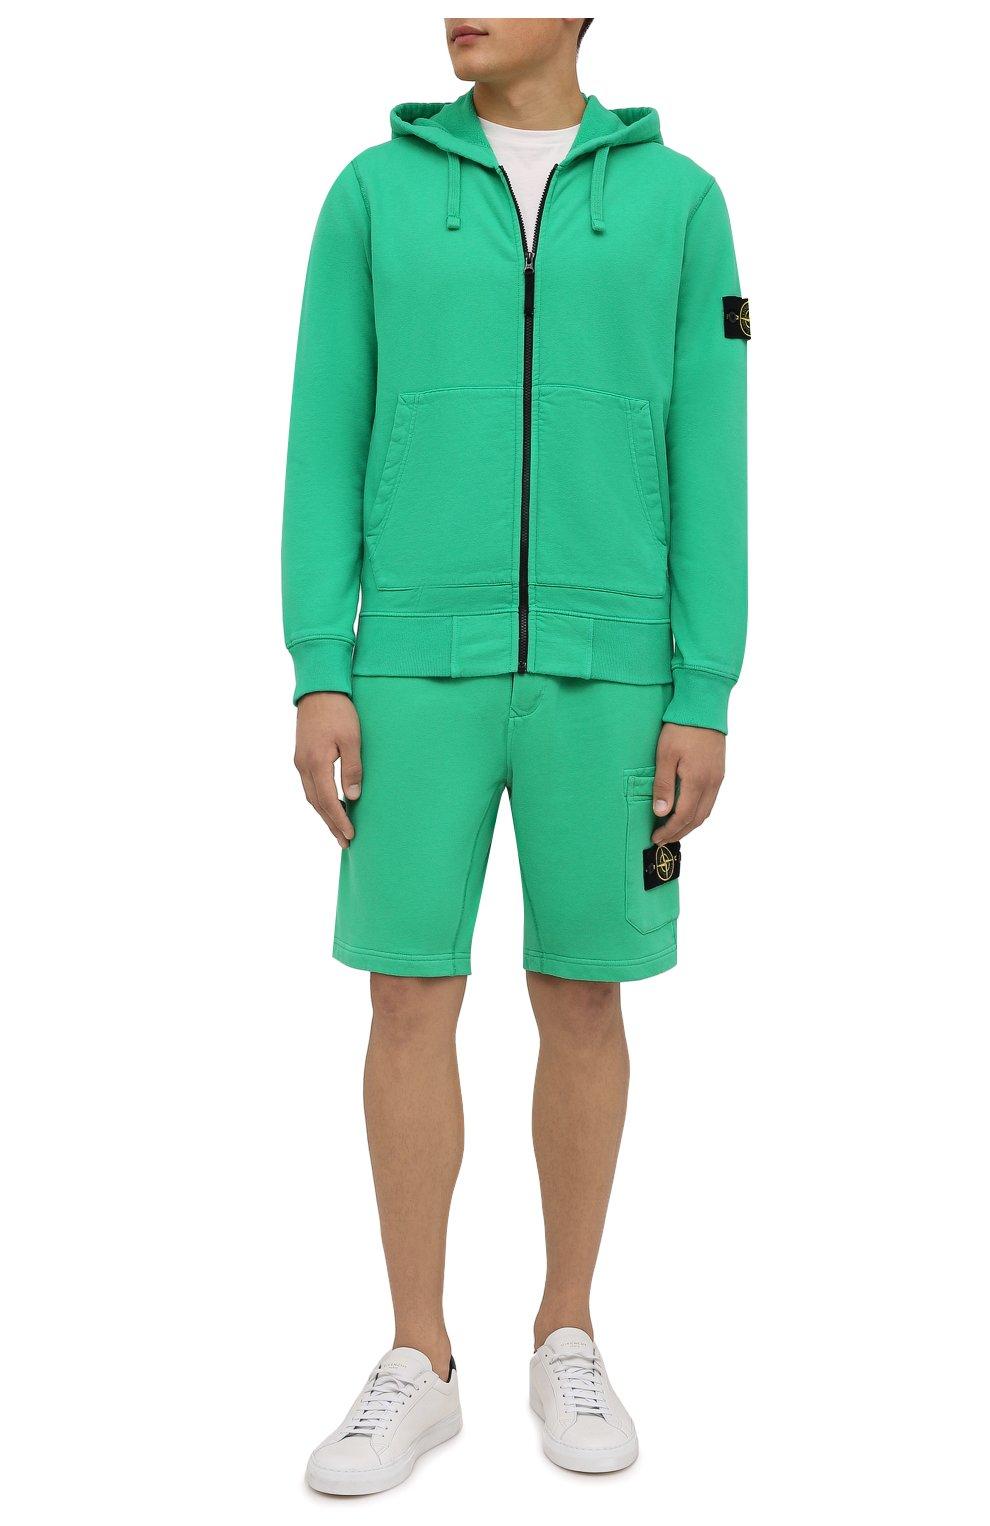 Мужские хлопковые шорты STONE ISLAND зеленого цвета, арт. 751564620 | Фото 2 (Длина Шорты М: До колена; Принт: Без принта; Кросс-КТ: Спорт; Материал внешний: Хлопок; Стили: Спорт-шик)